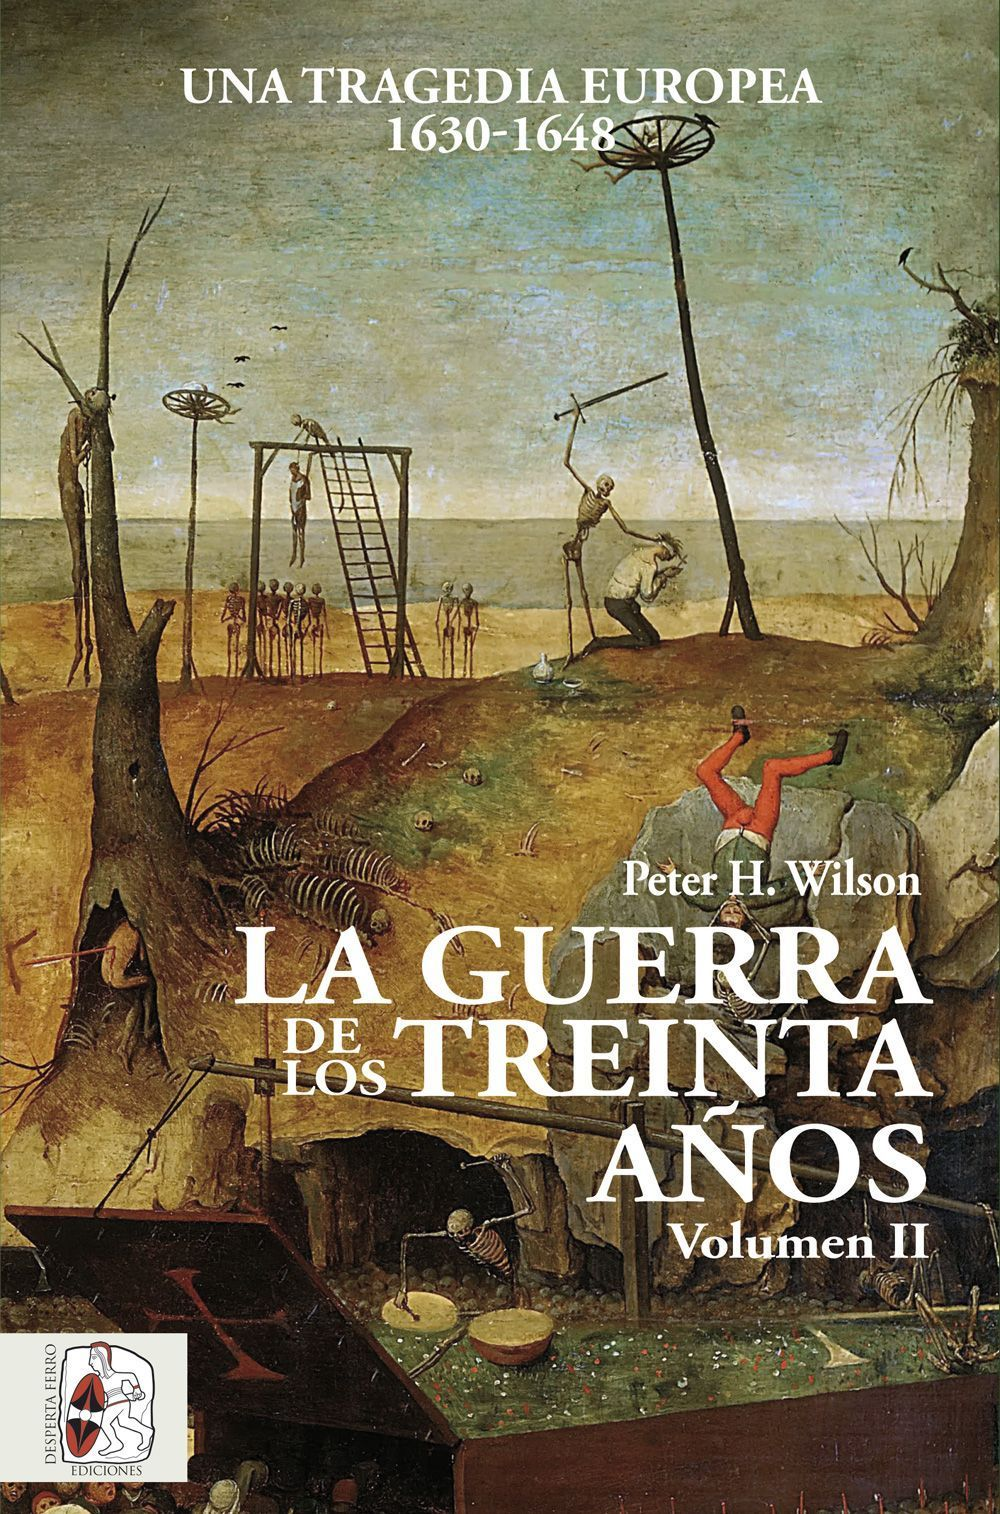 La Guerra de los Treinta Años. Una tragedia europea (II) 1630-1648 Peter H. Wilson